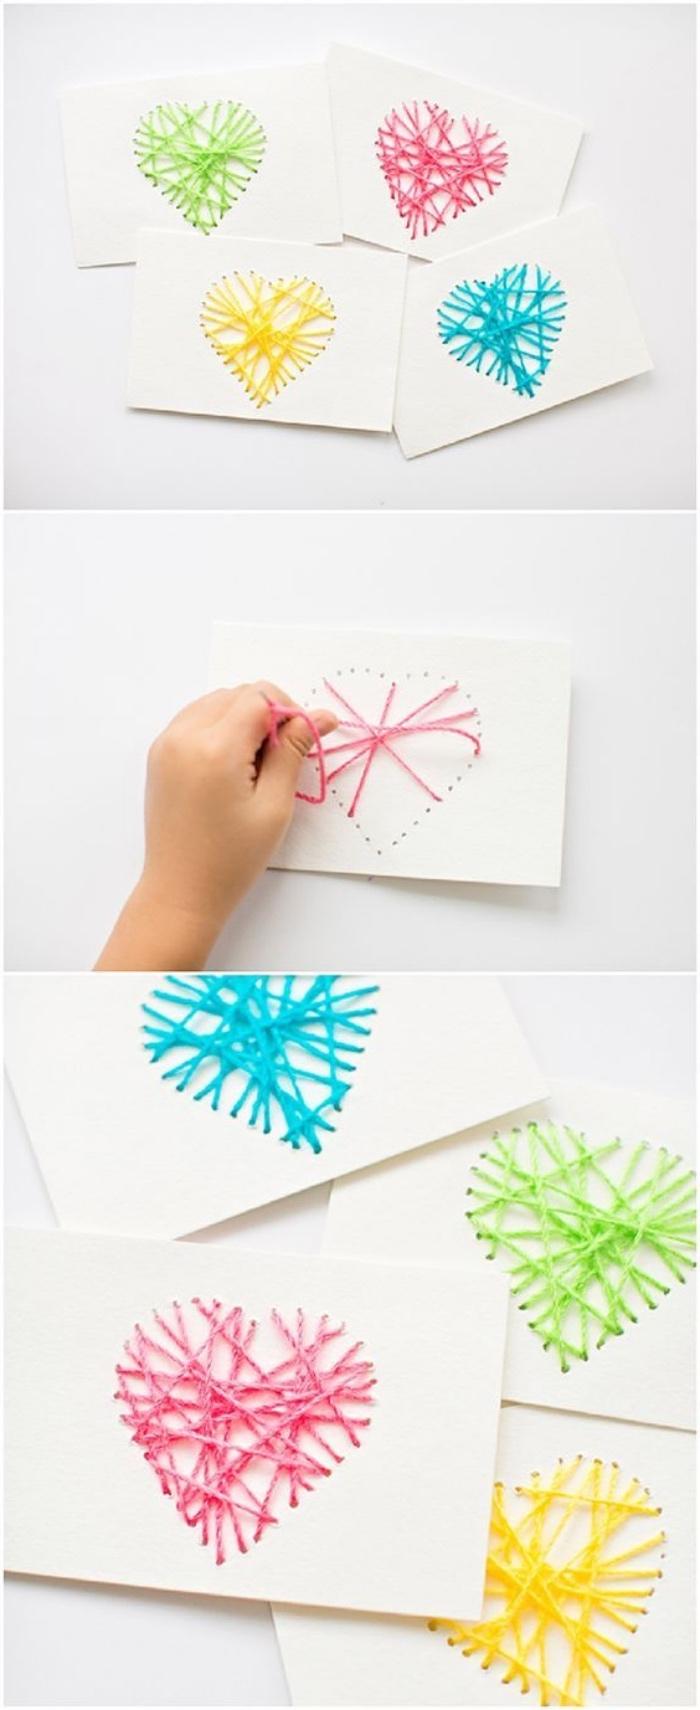 Attività manuali per bambini e un'idea con i fili di lana colorati e disegni con cucito